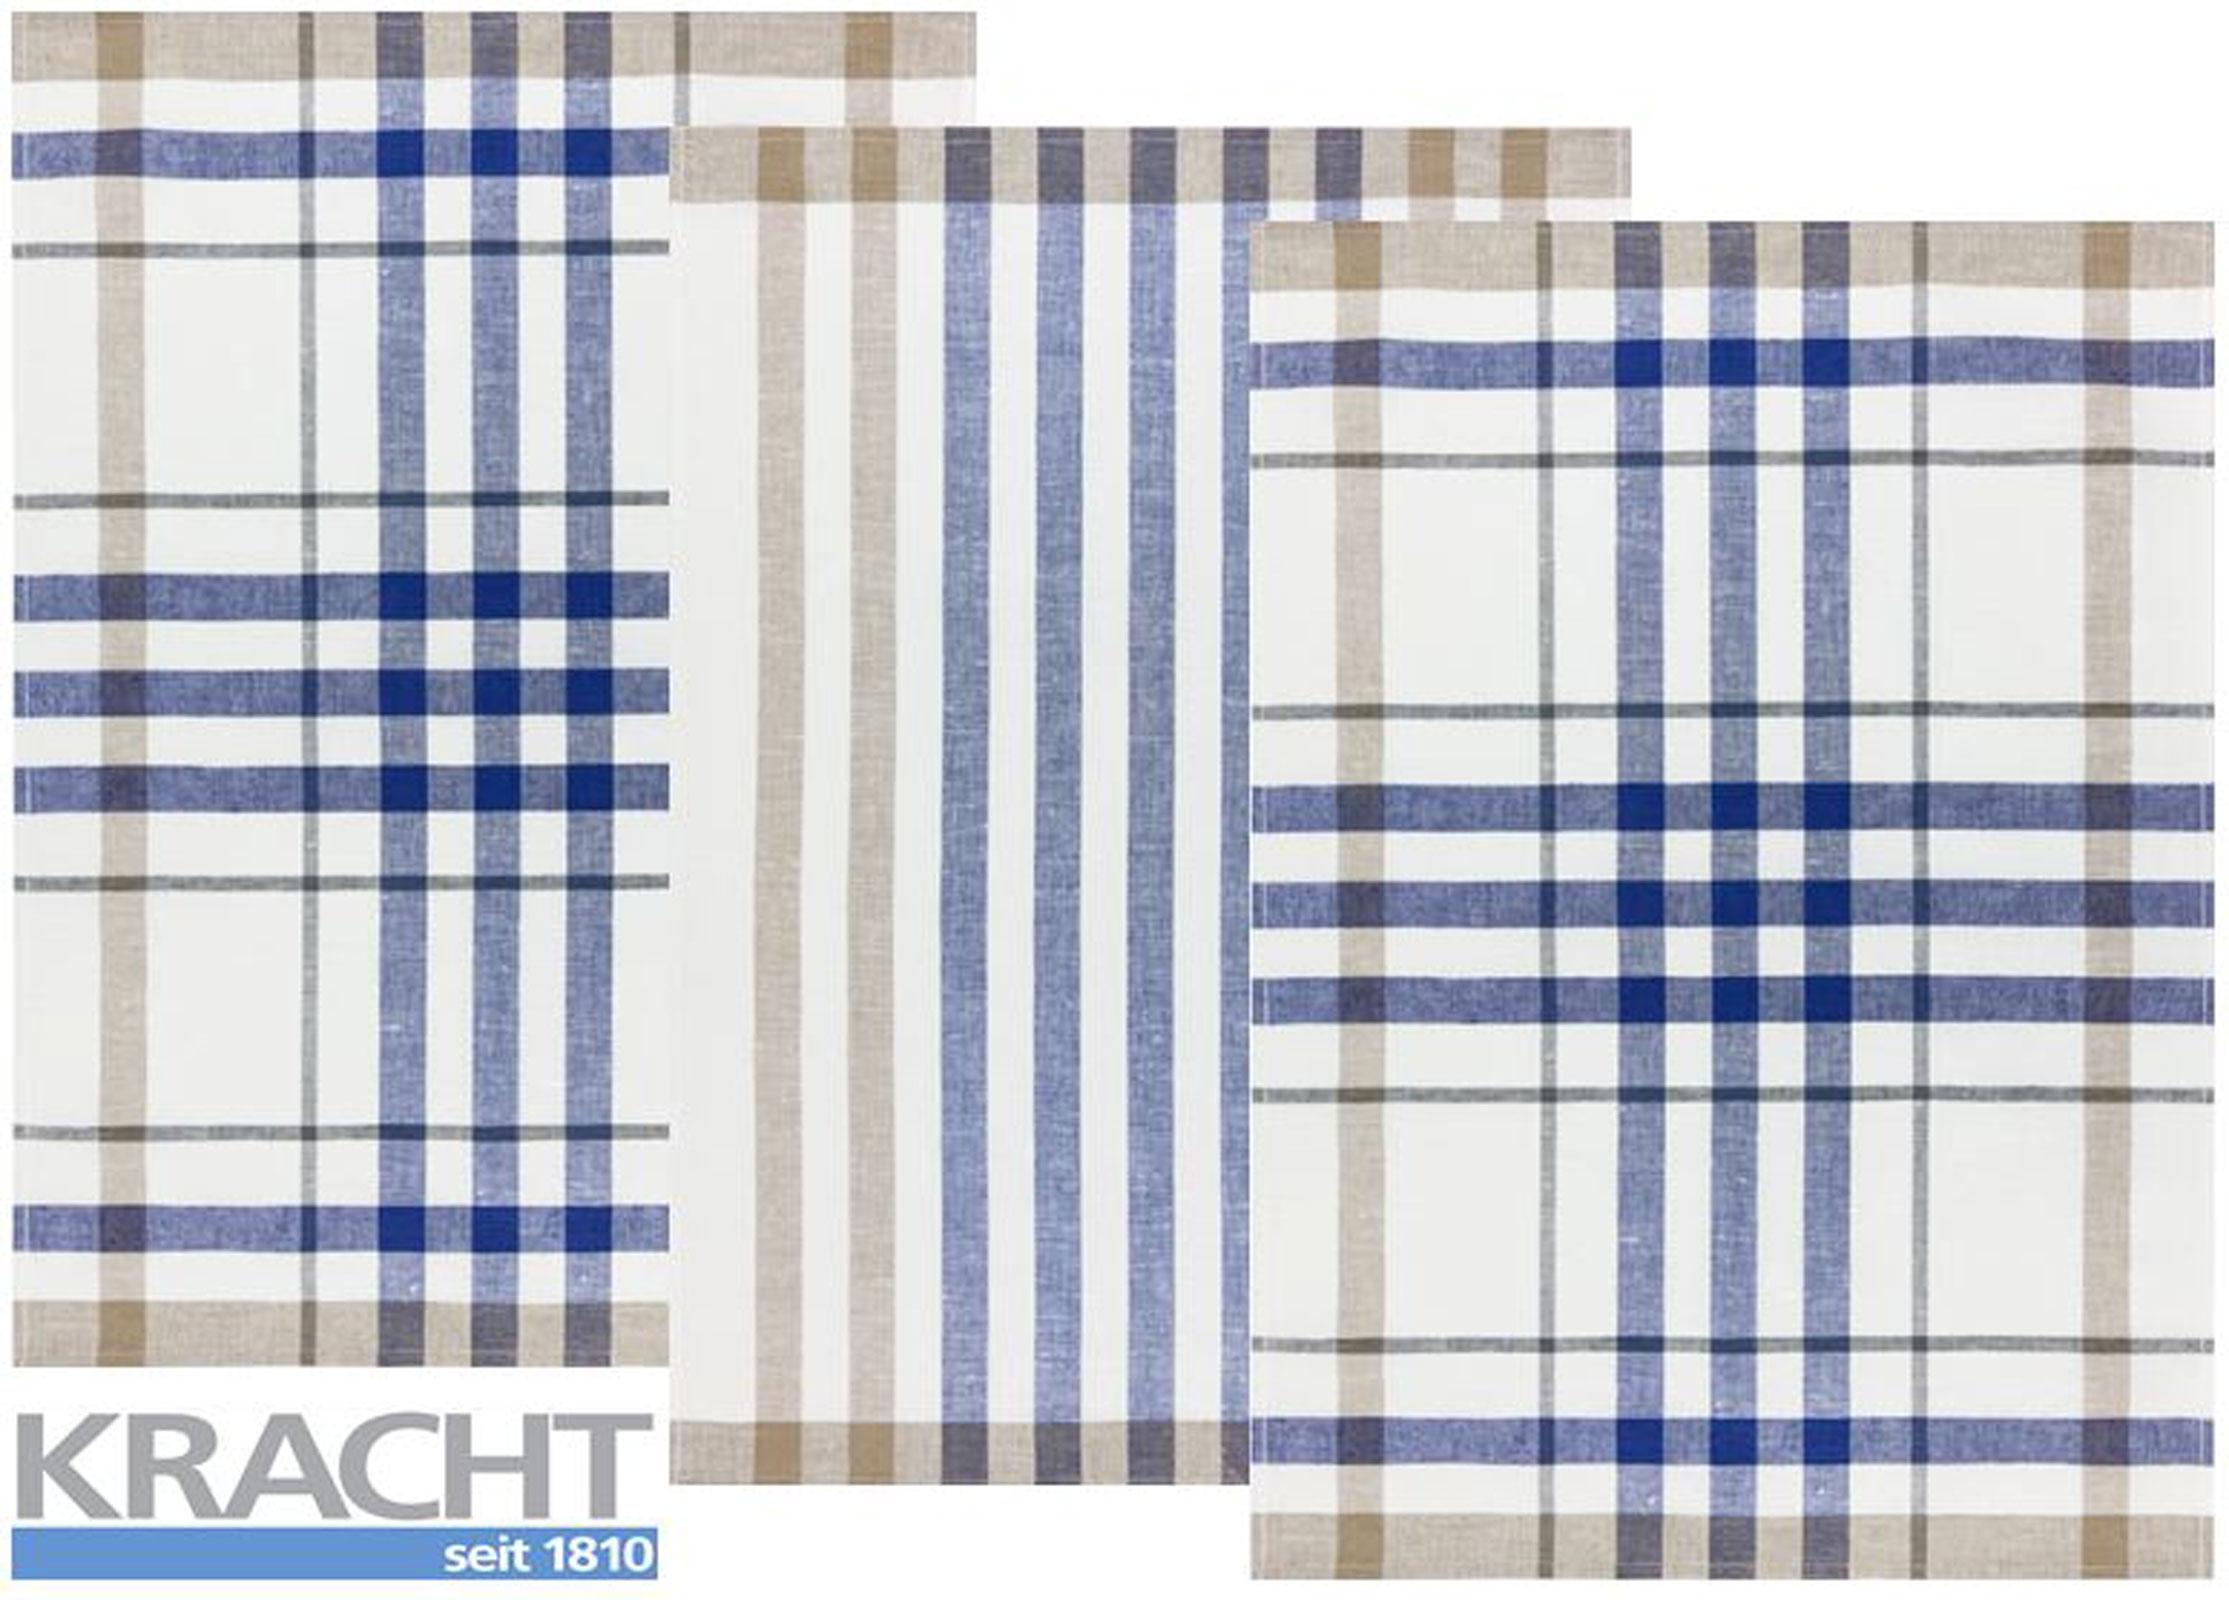 Küchentextilien - 3er Pack Kracht Halbleinen Geschirrtuch 50x70 2x Karo 1x Streifen 2 930 11 blau  - Onlineshop PremiumShop321